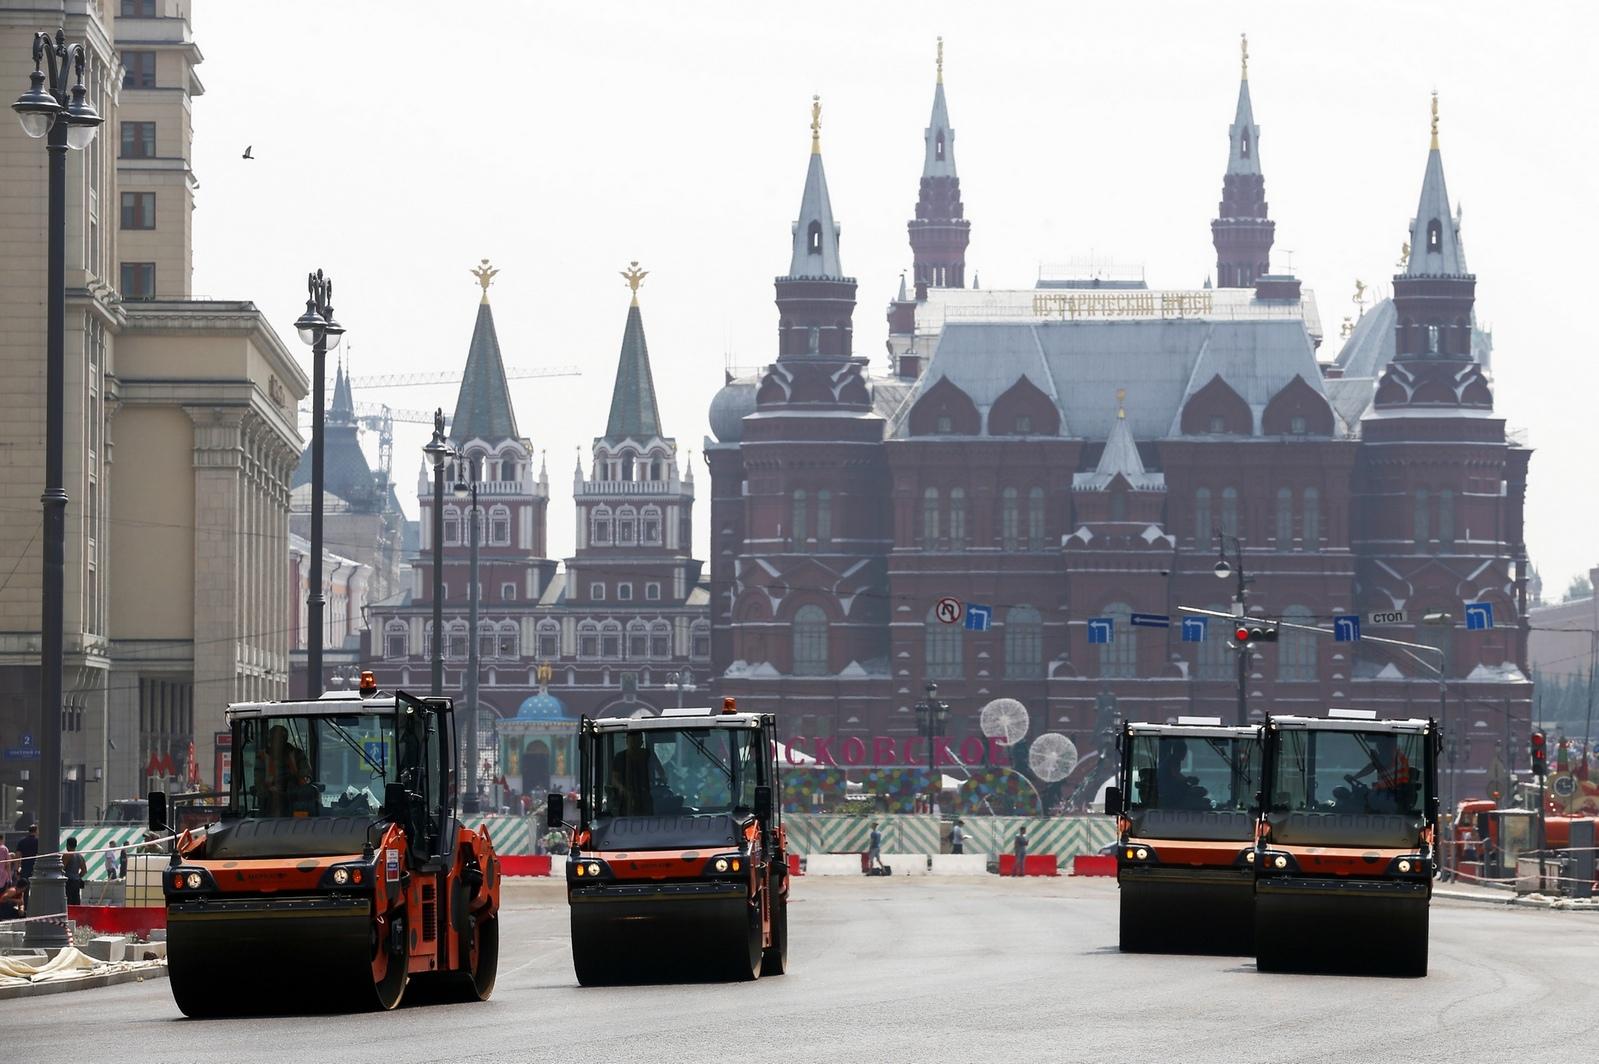 Первый этап реконструкции Тверской охватывает участок от Моховой улицы до Пушкинской площади